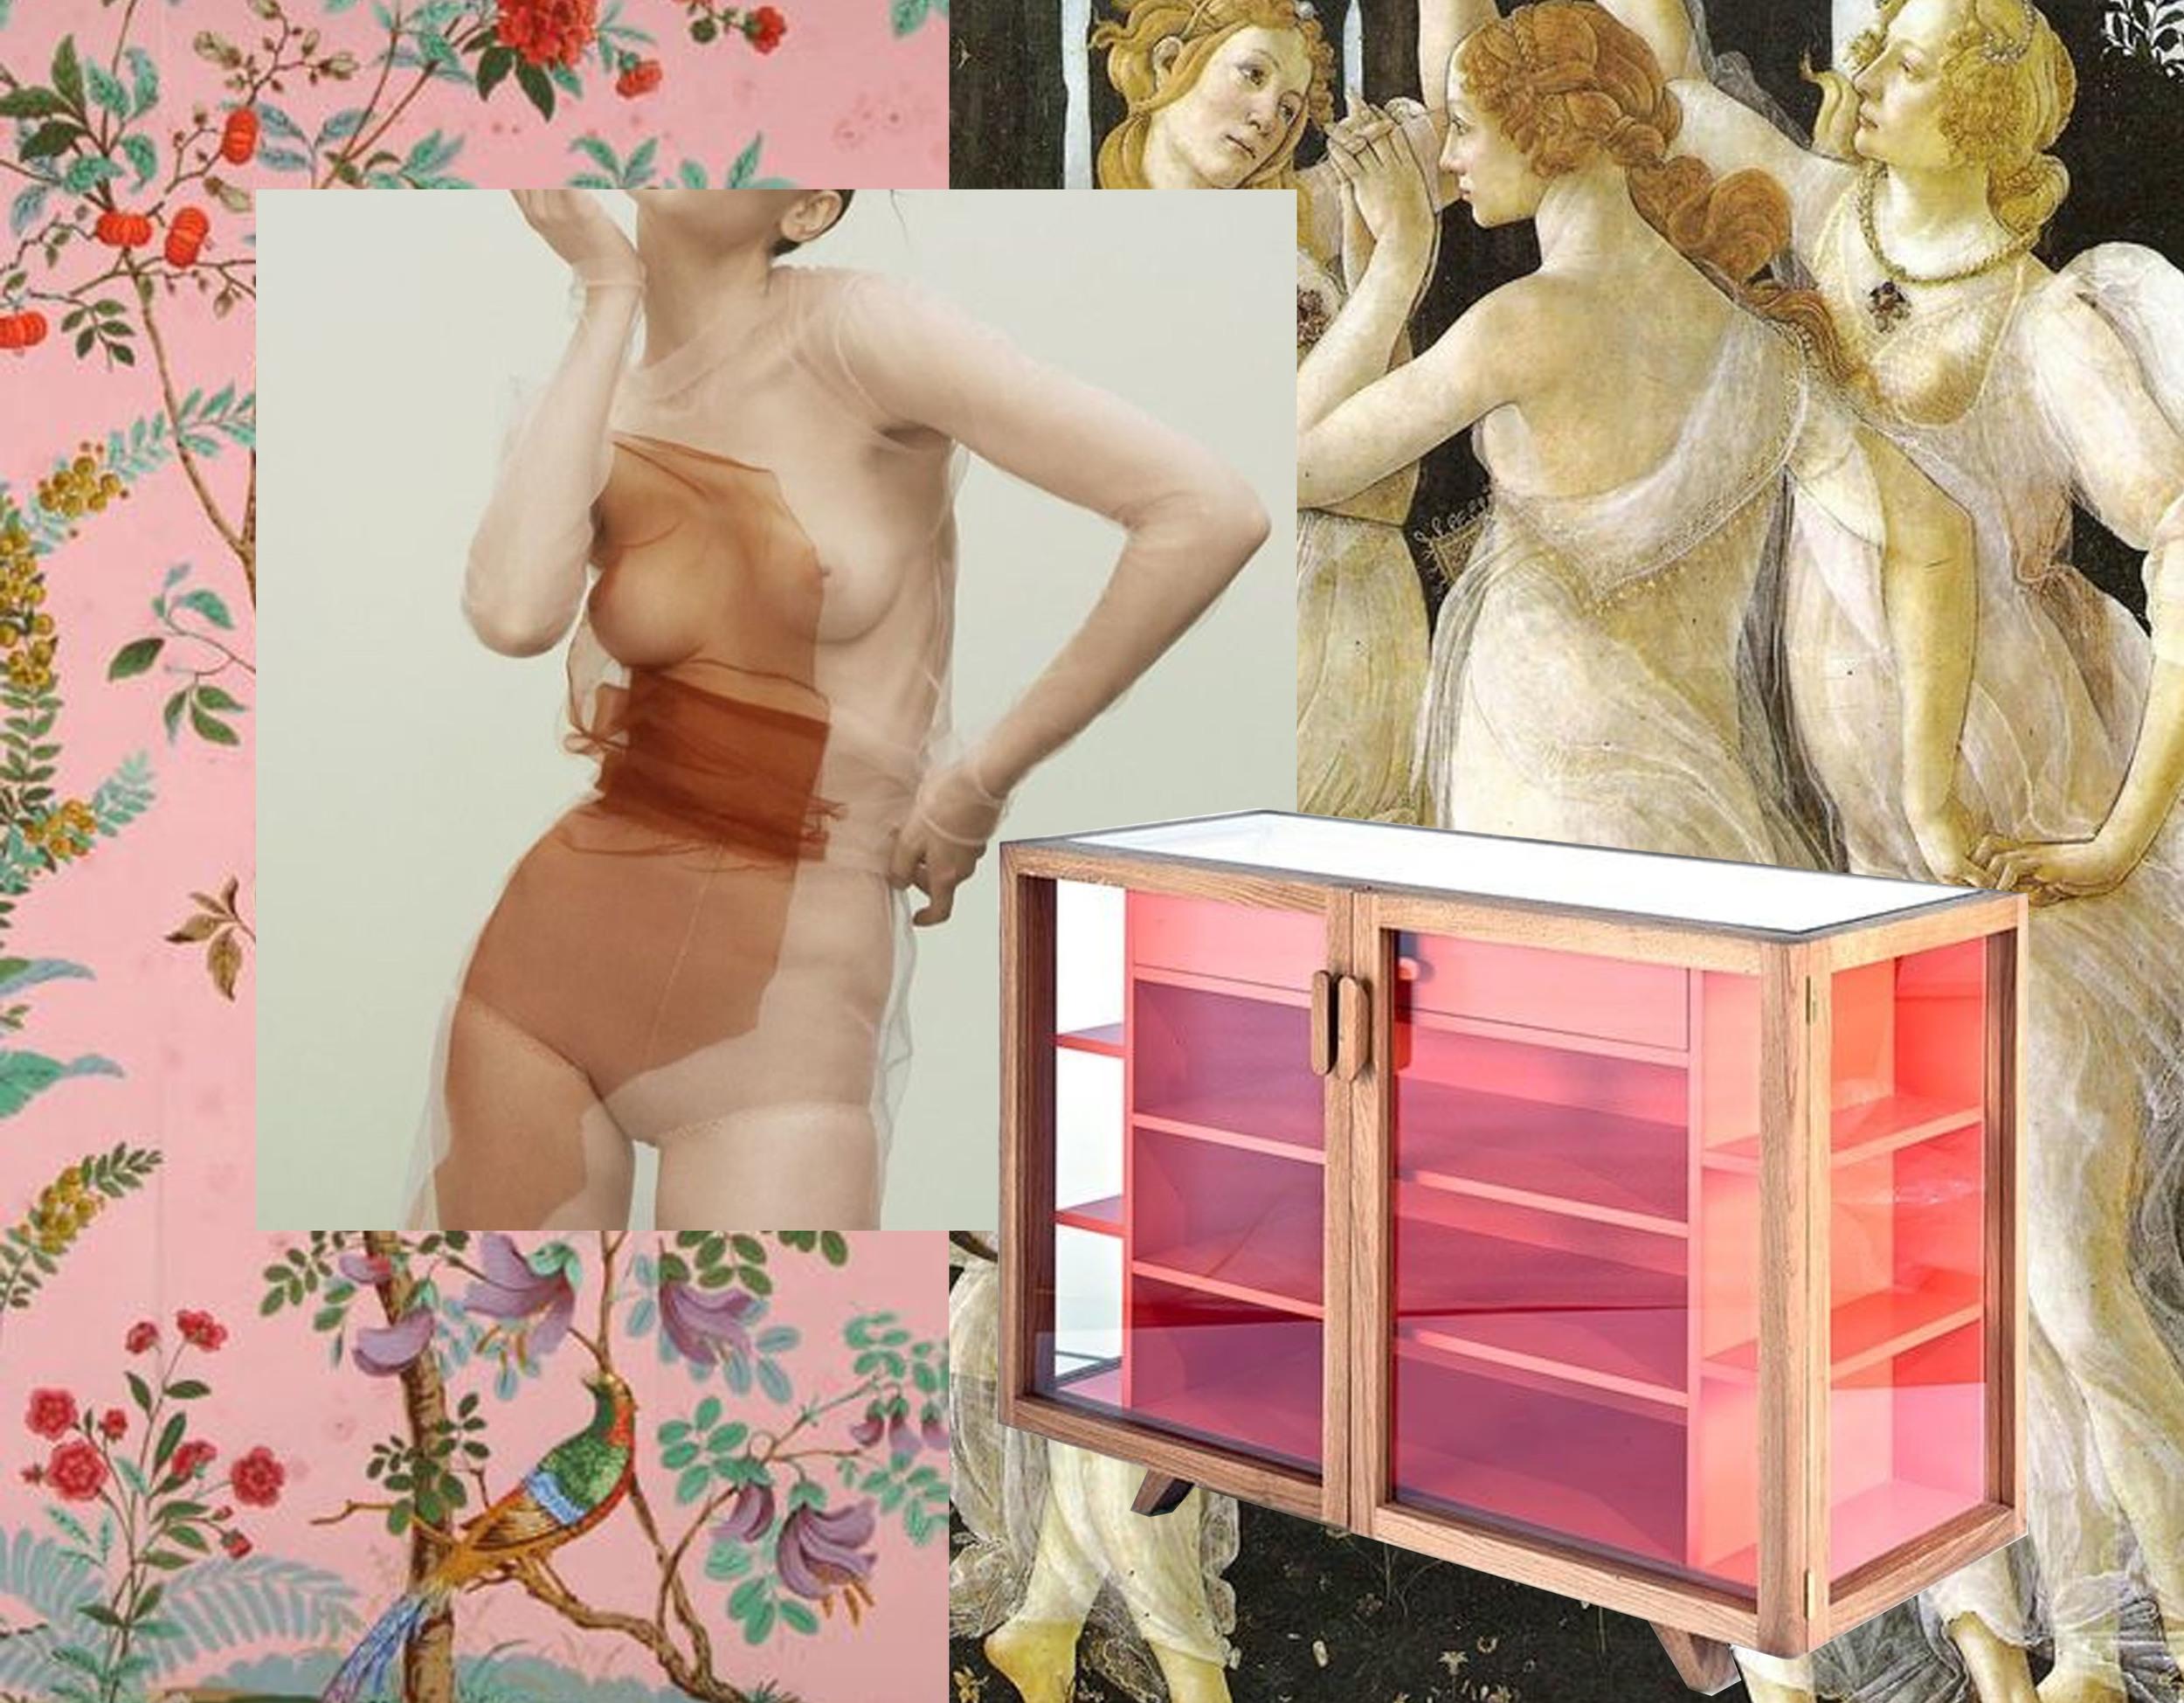 wallpaper  Zuber  - picture  Julia Noni  for  German Vogue - Vitrina sideboard by Hierve for  Casa Furniture - Primavera  Botticelli